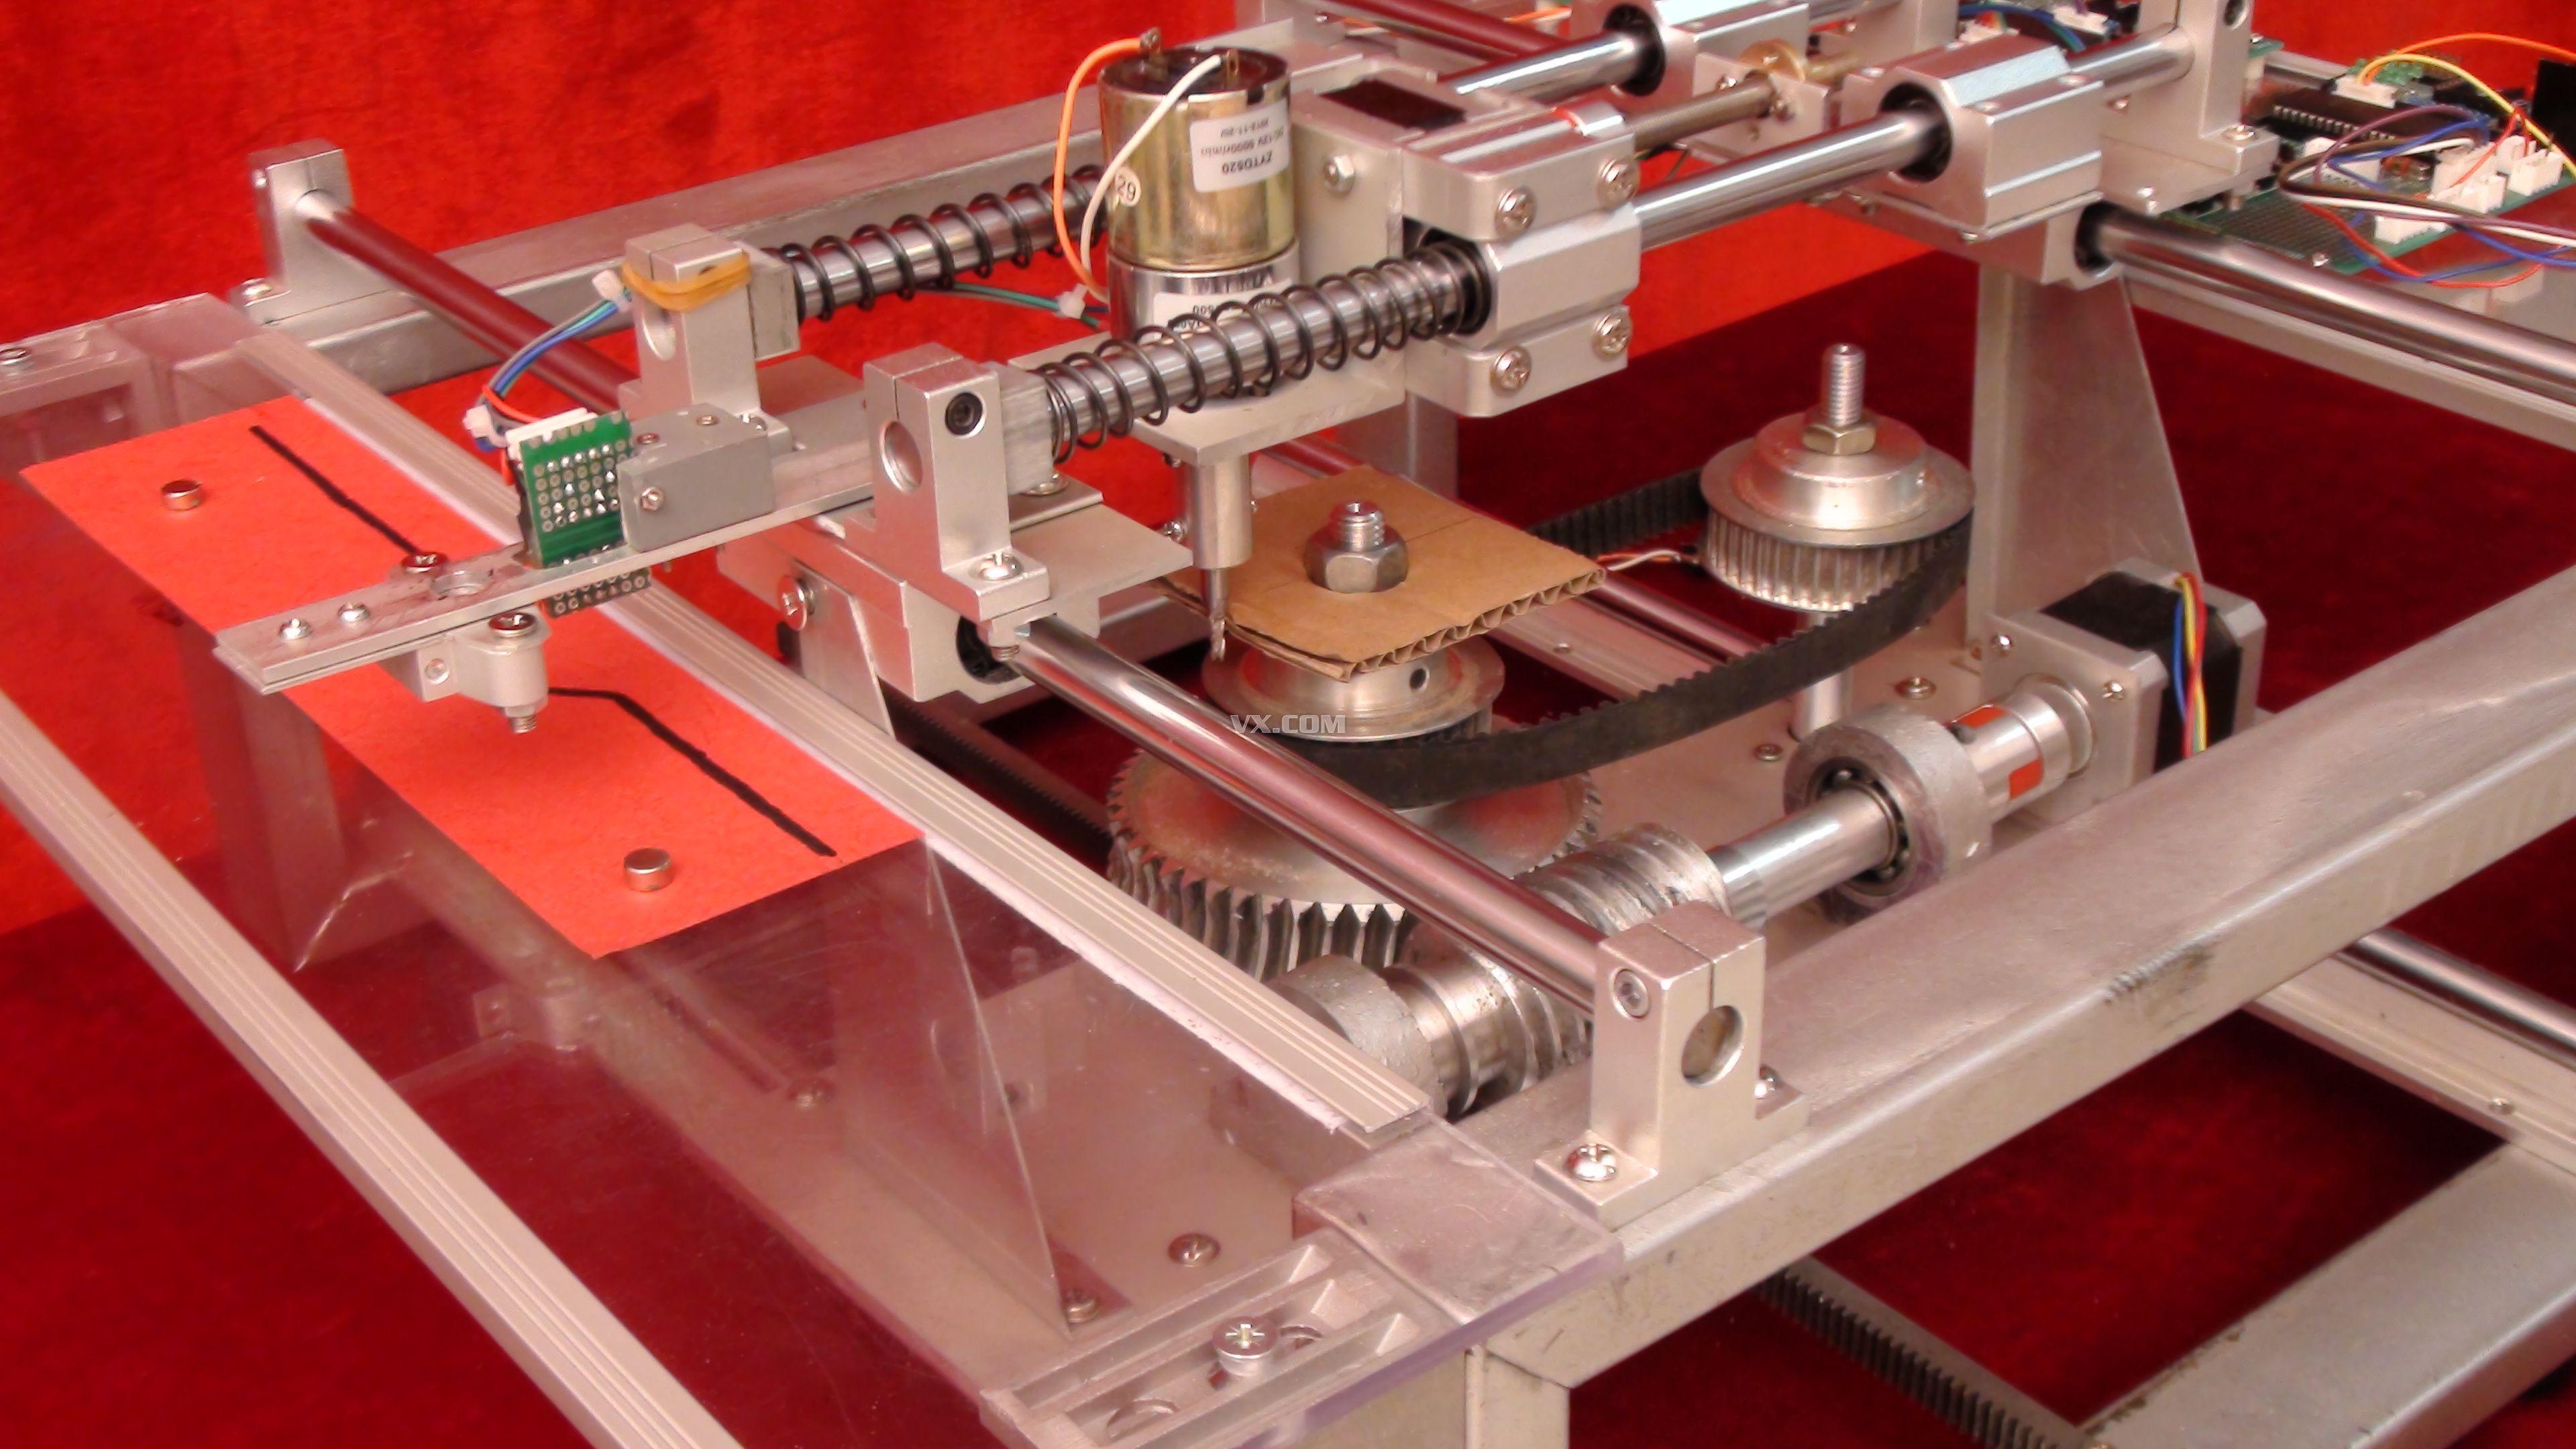 凸轮综合实验台-第六届全国大学生机械创新设计大赛图片